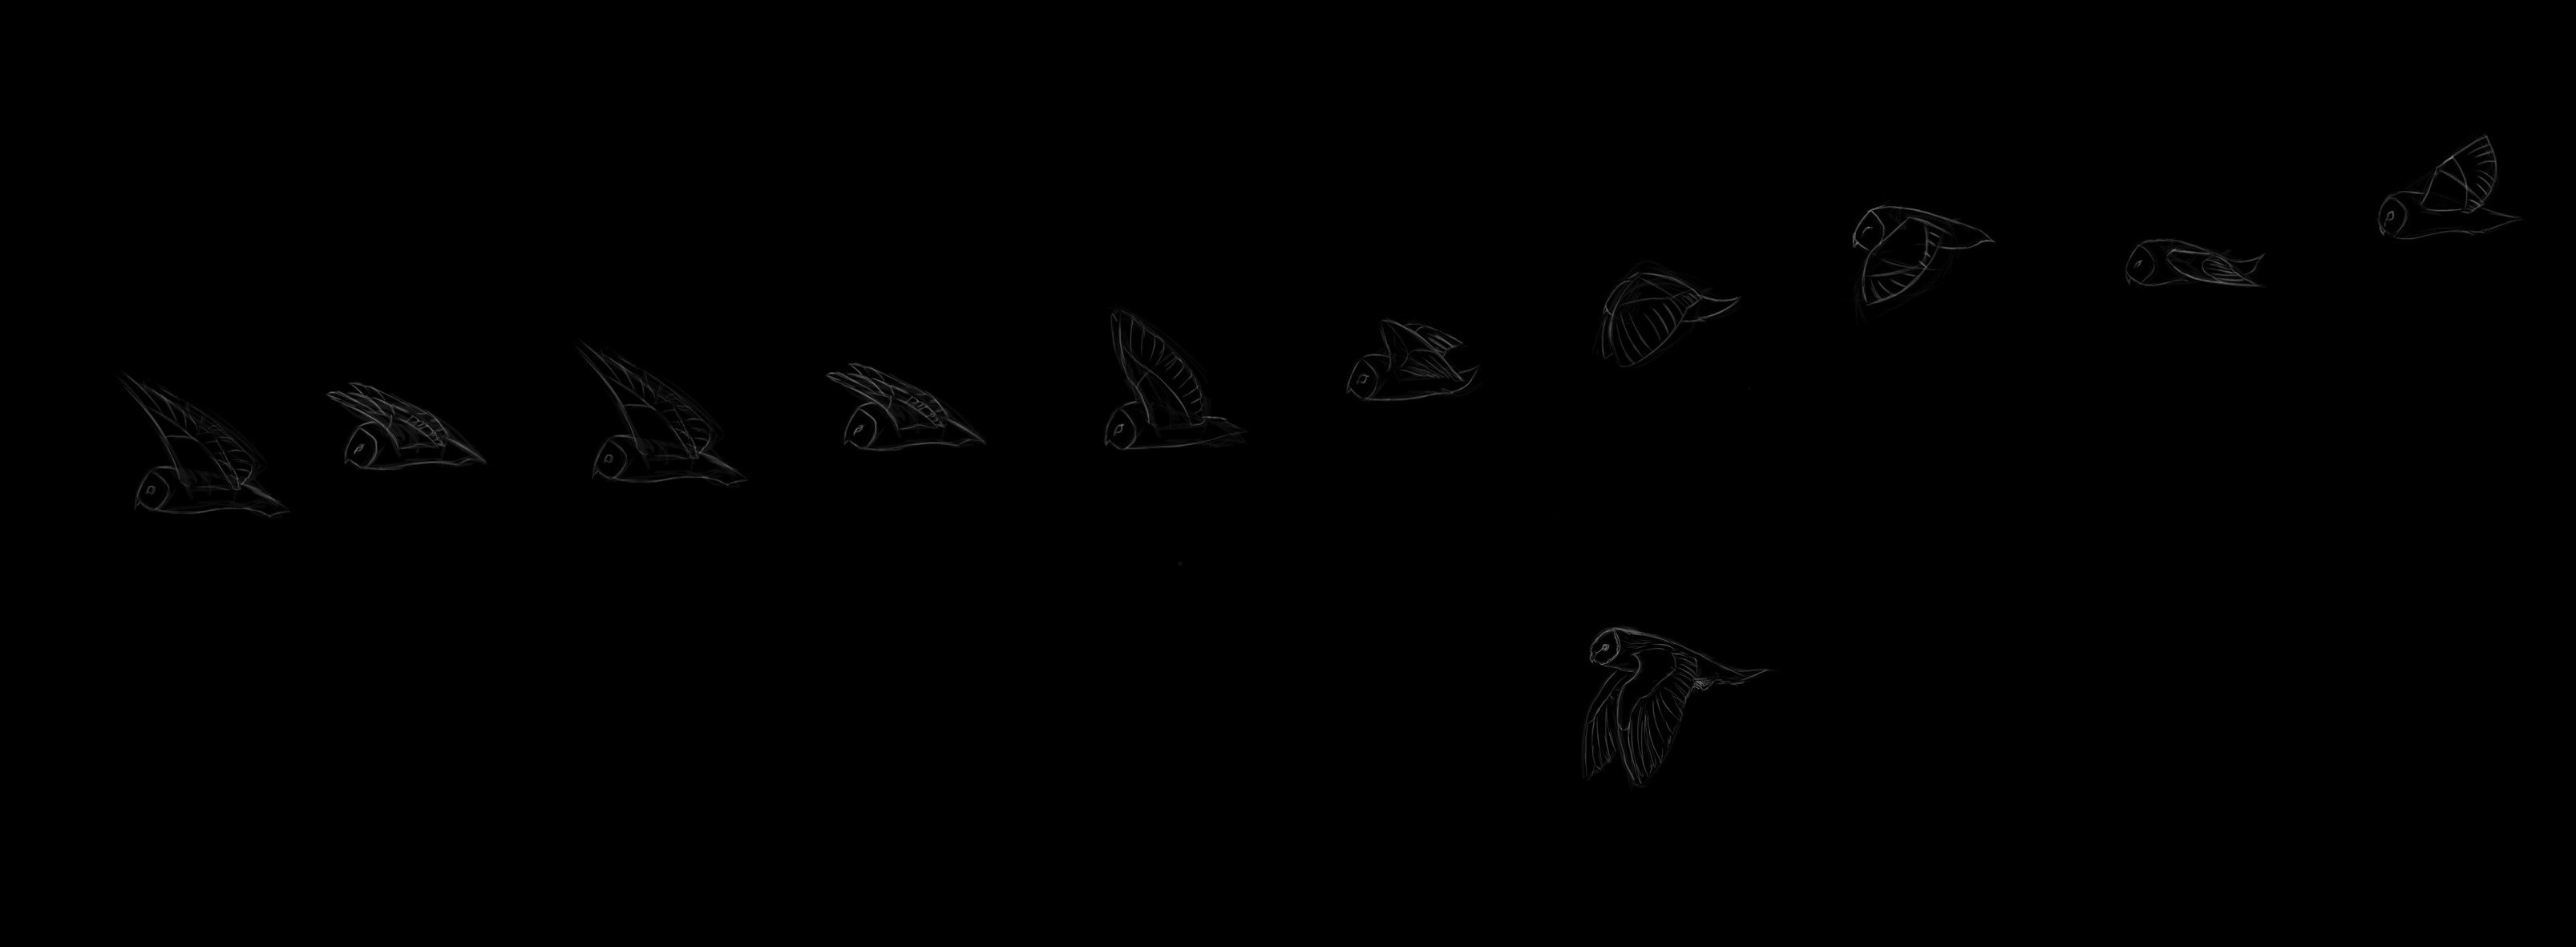 Les gribouilles d'Atna: objectif landscape et persos - Page 6 Coucuo11